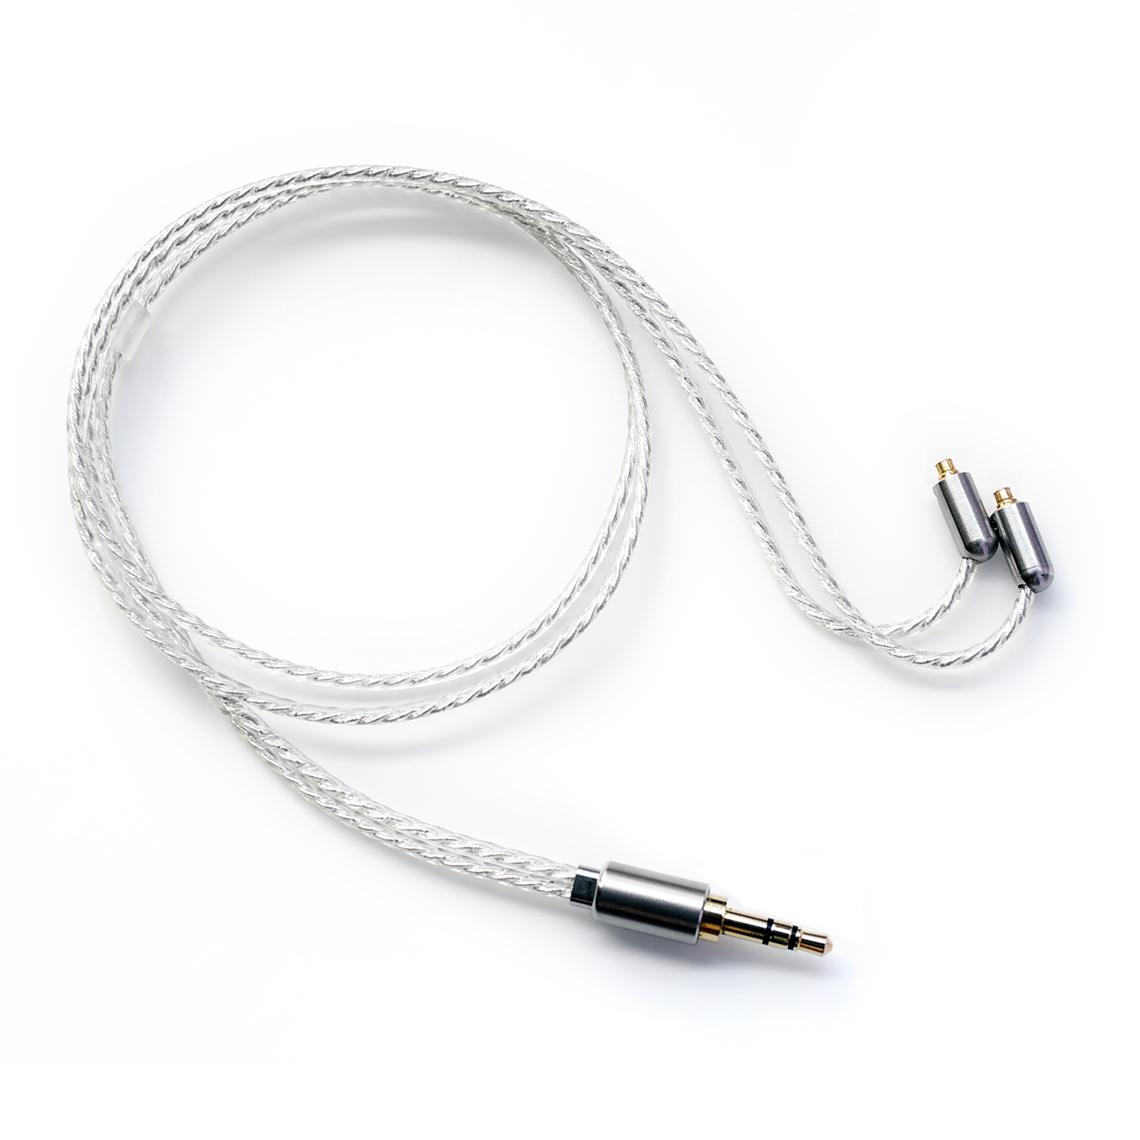 ขาย DD BC50-B สายเปลี่ยนหูฟังเกรดทองแดงชุบเงินถัก 7N OCC ความยาว 50CM